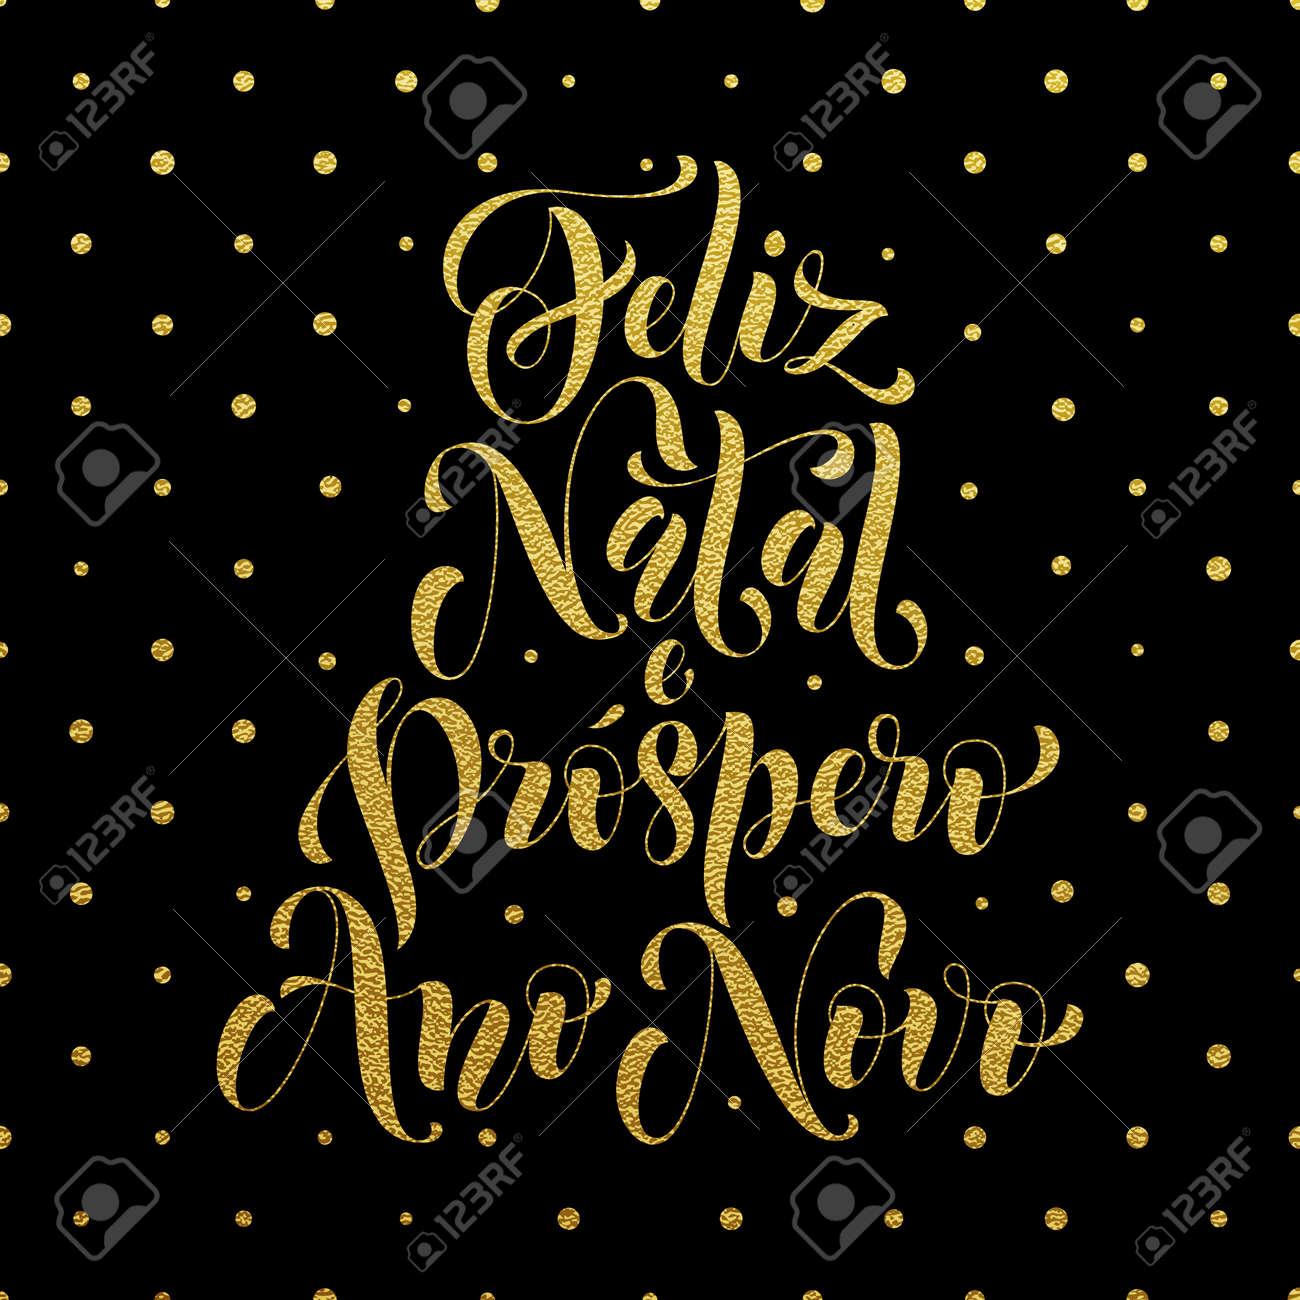 Feliz Navidad En Portugues Brasil.Feliz Natal E Prospero Ano Novo Oro Saludo Para El Portugues Brasileno Ano Novo Feliz Navidad Navidad Tarjeta De Vacaciones De Ano Nuevo Brillo